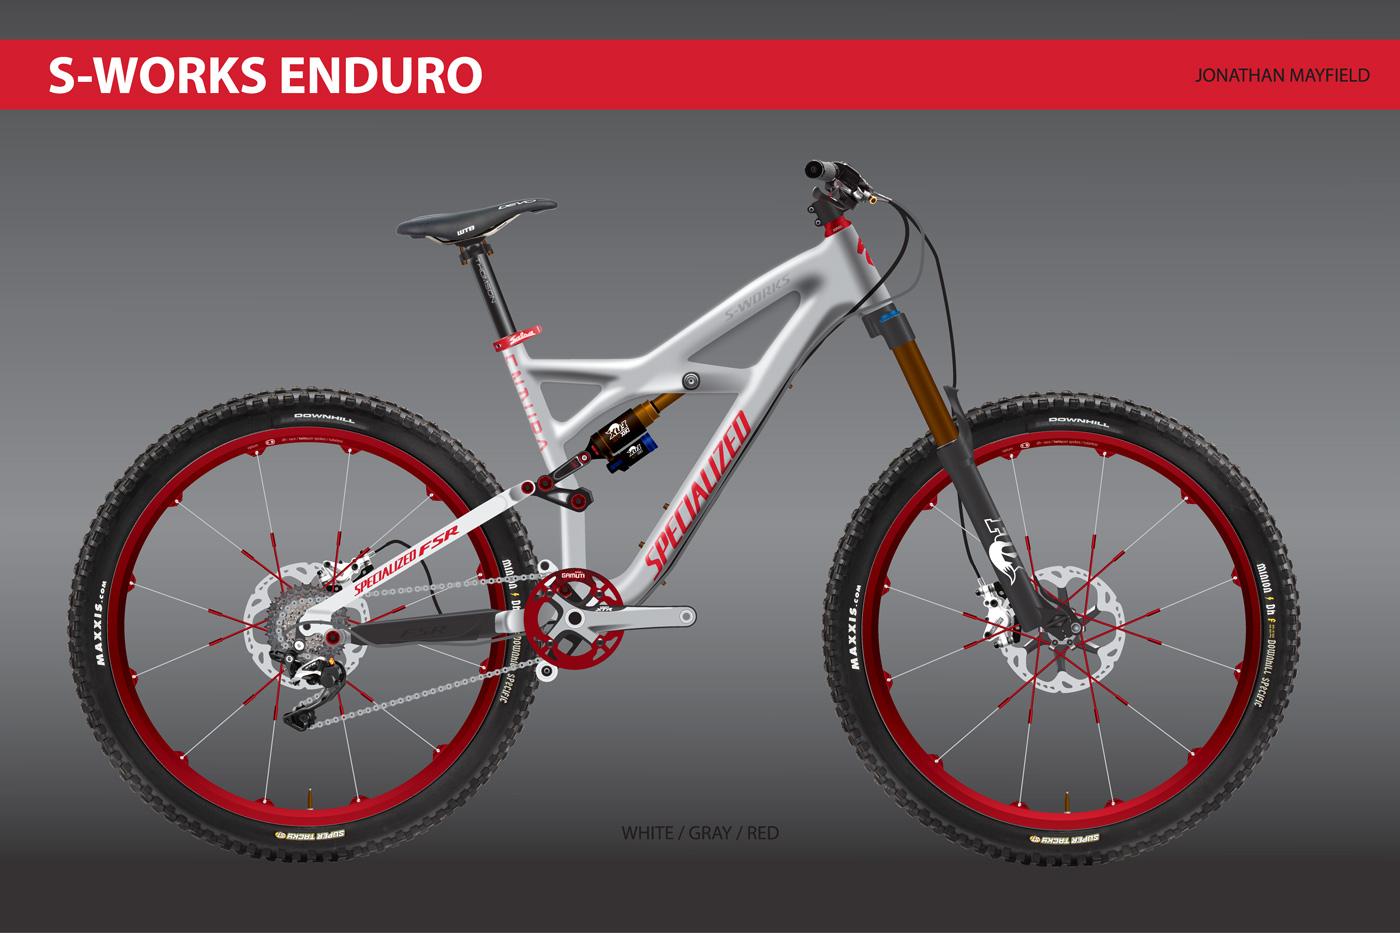 Велосипеды эндуро 2020: 17 лучших моделей по версии enduro-mtb